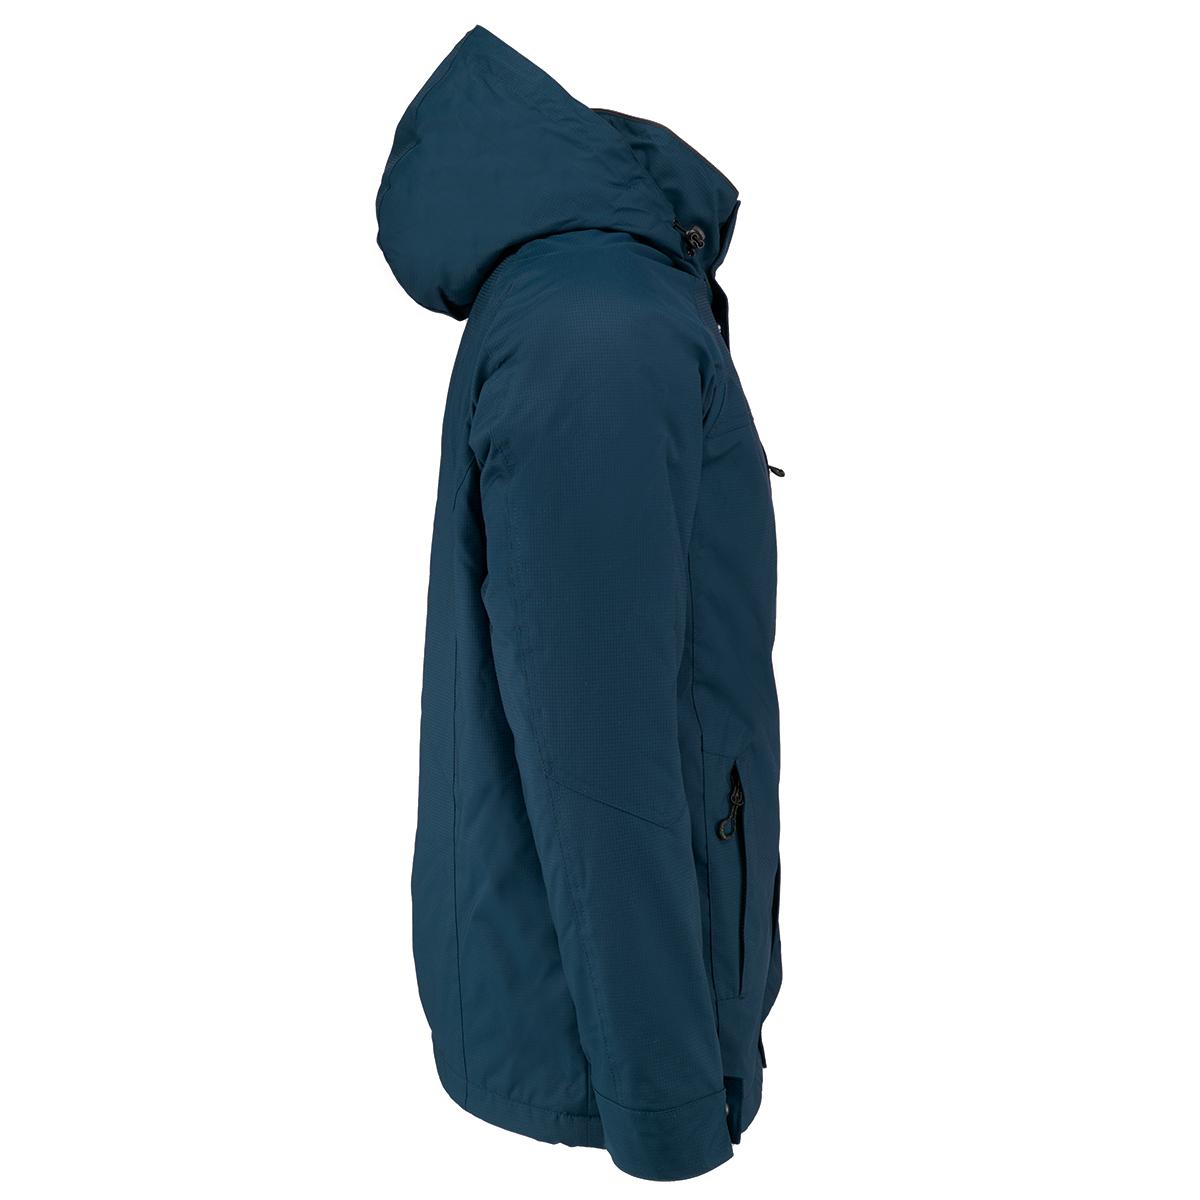 IZOD-Men-039-s-Midweight-Polar-Fleece-Lined-Jacket thumbnail 15